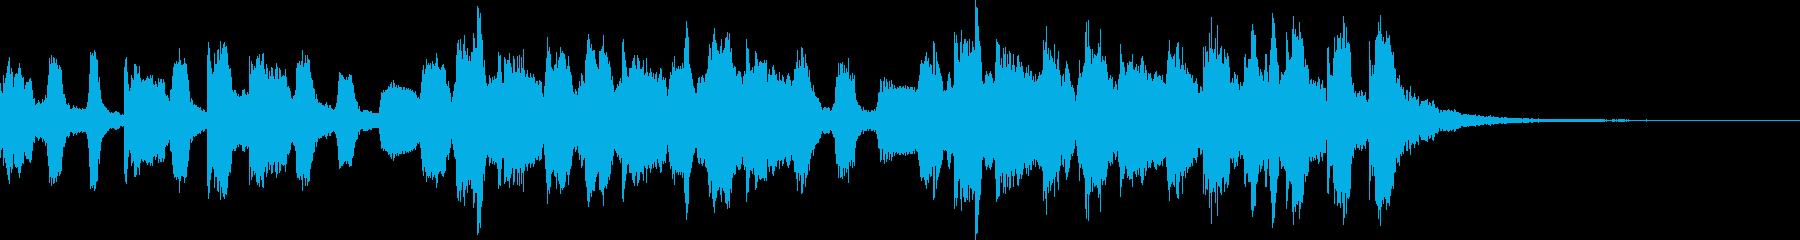 きらきらとしたジングル風BGMの再生済みの波形